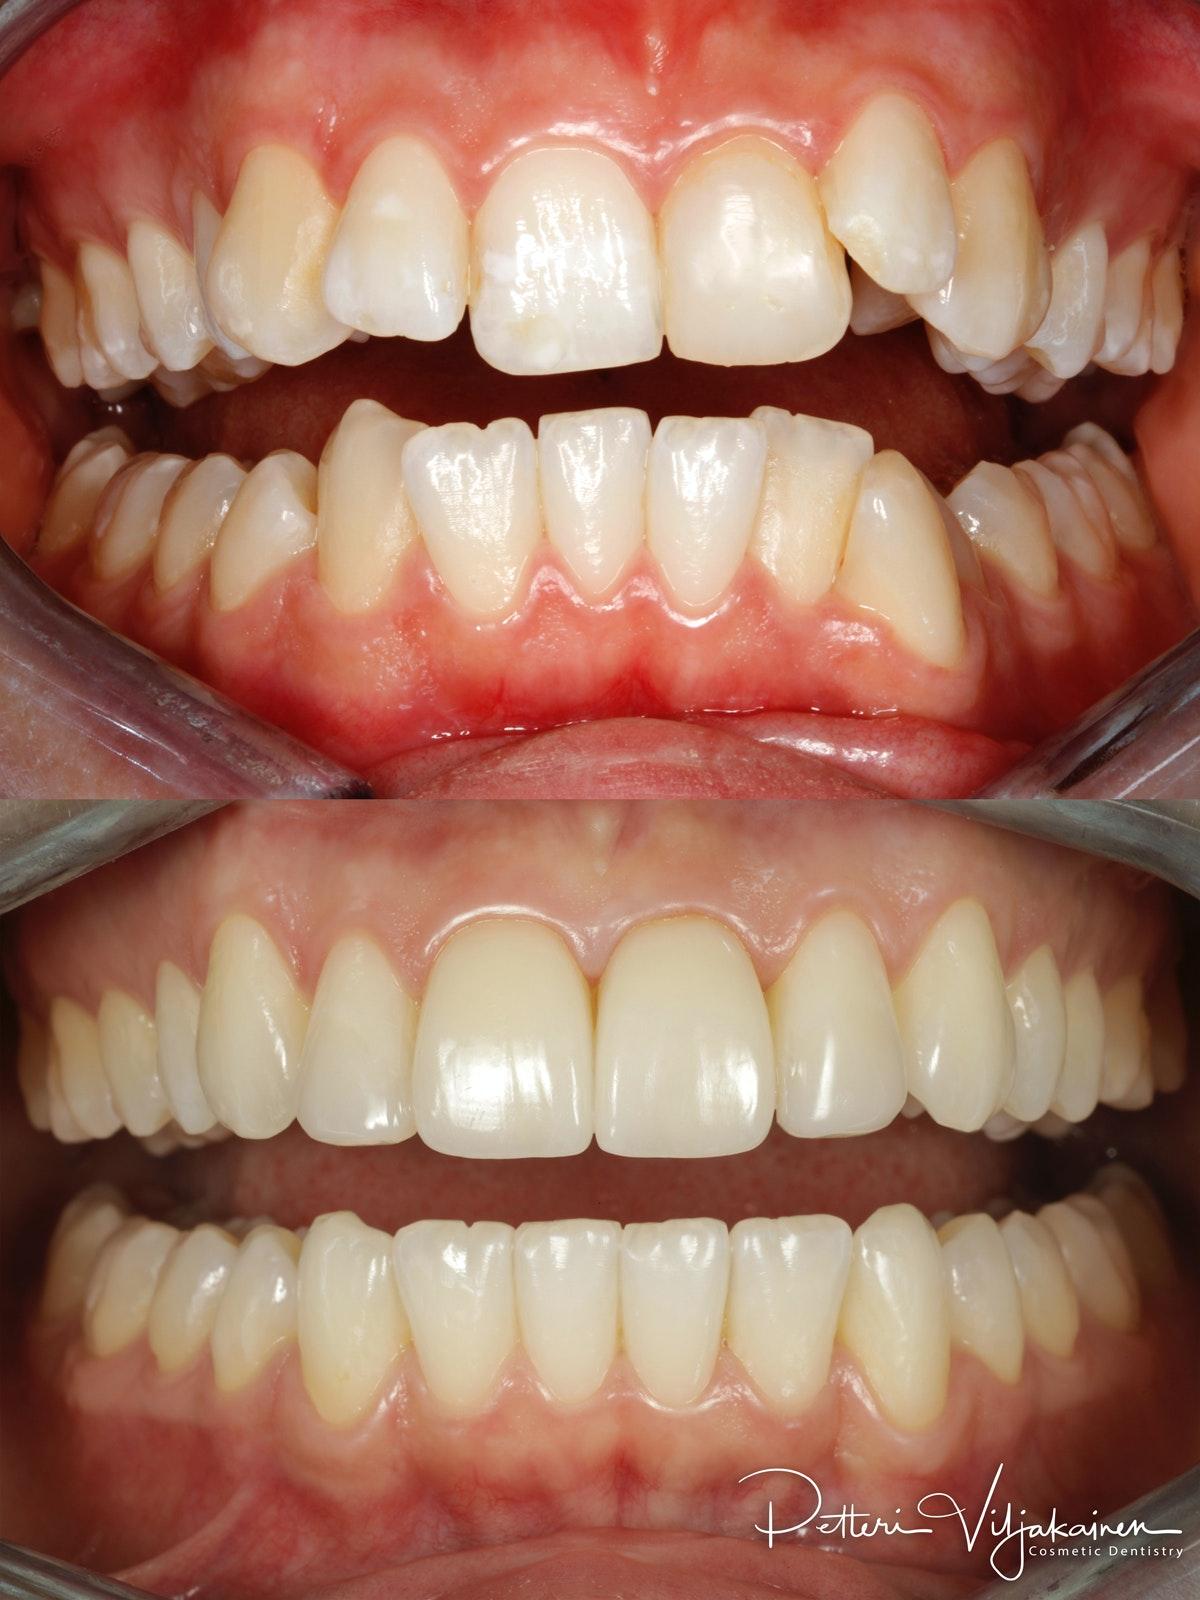 Esteettinen hammashoito ennen jälkeen. Keraamiset kuoret eli hammaslaminaatit keskimmäisissä yläetuhampaissa.